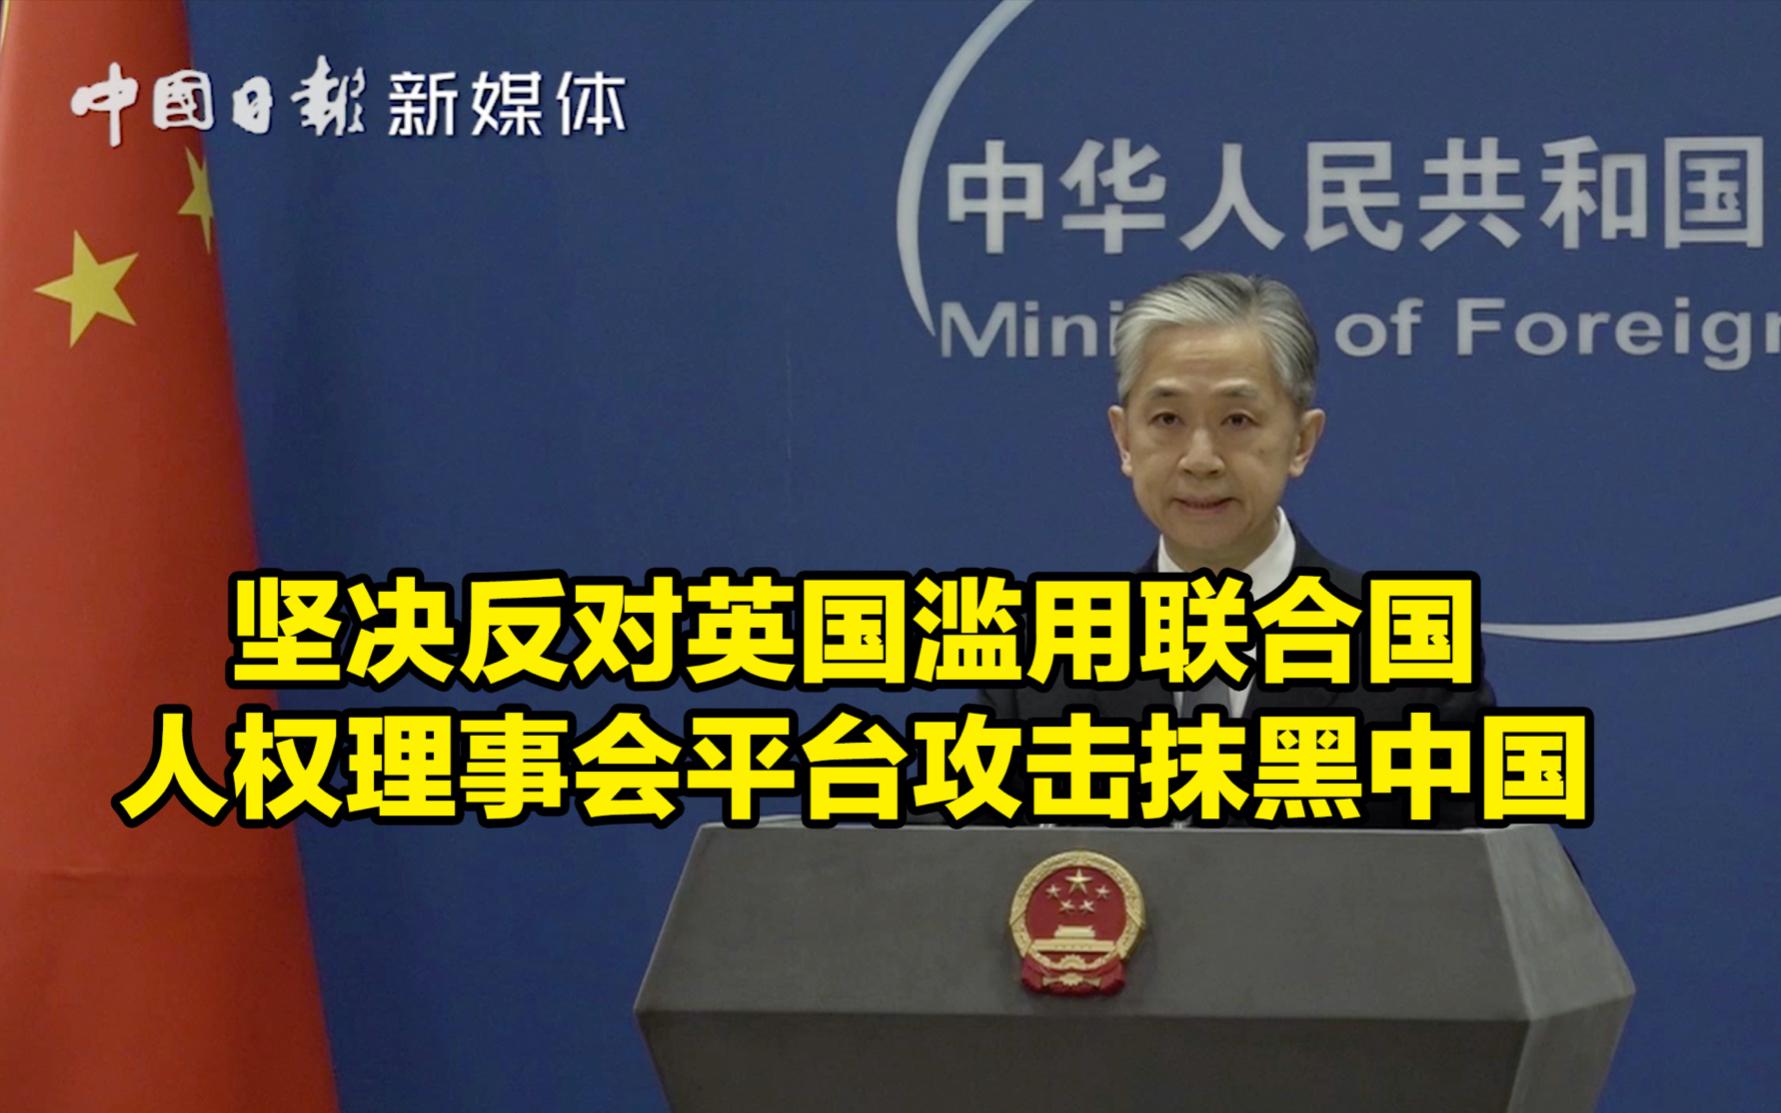 外交部:坚决反对英国滥用联合国人权理事会平台攻击抹黑中国